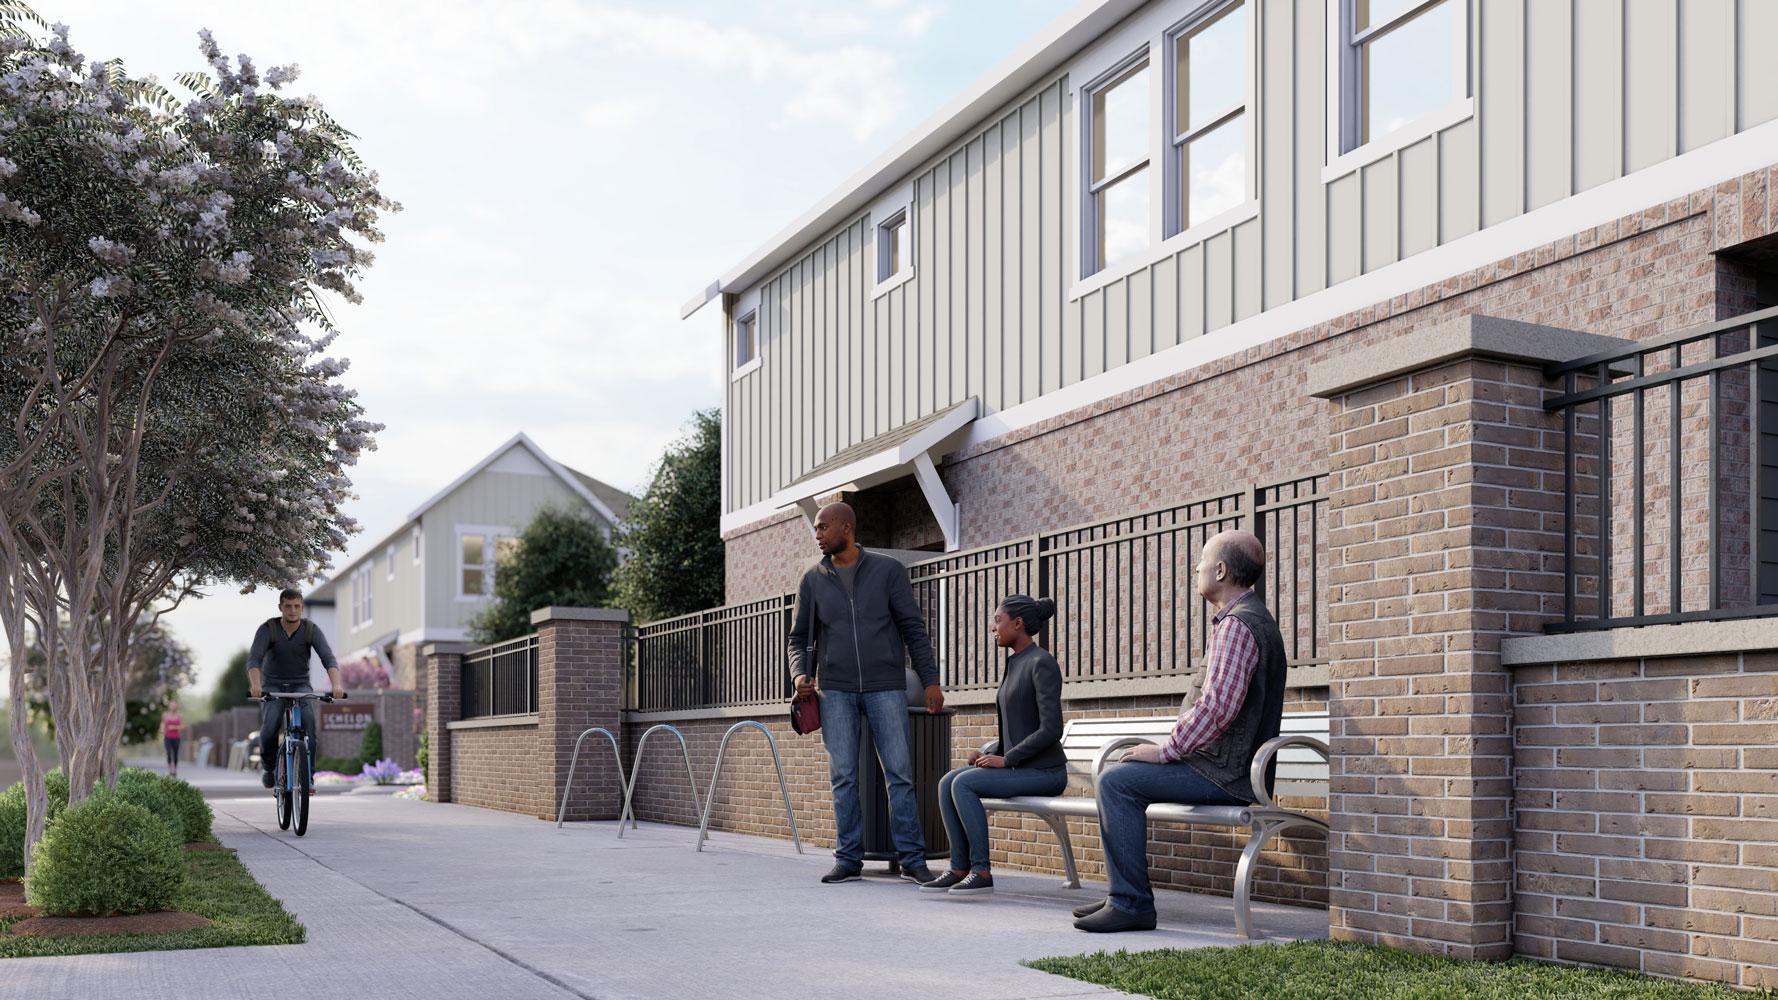 Sidewalk Benches at Echelon at Reverchon Bluffs in Dallas, Texas